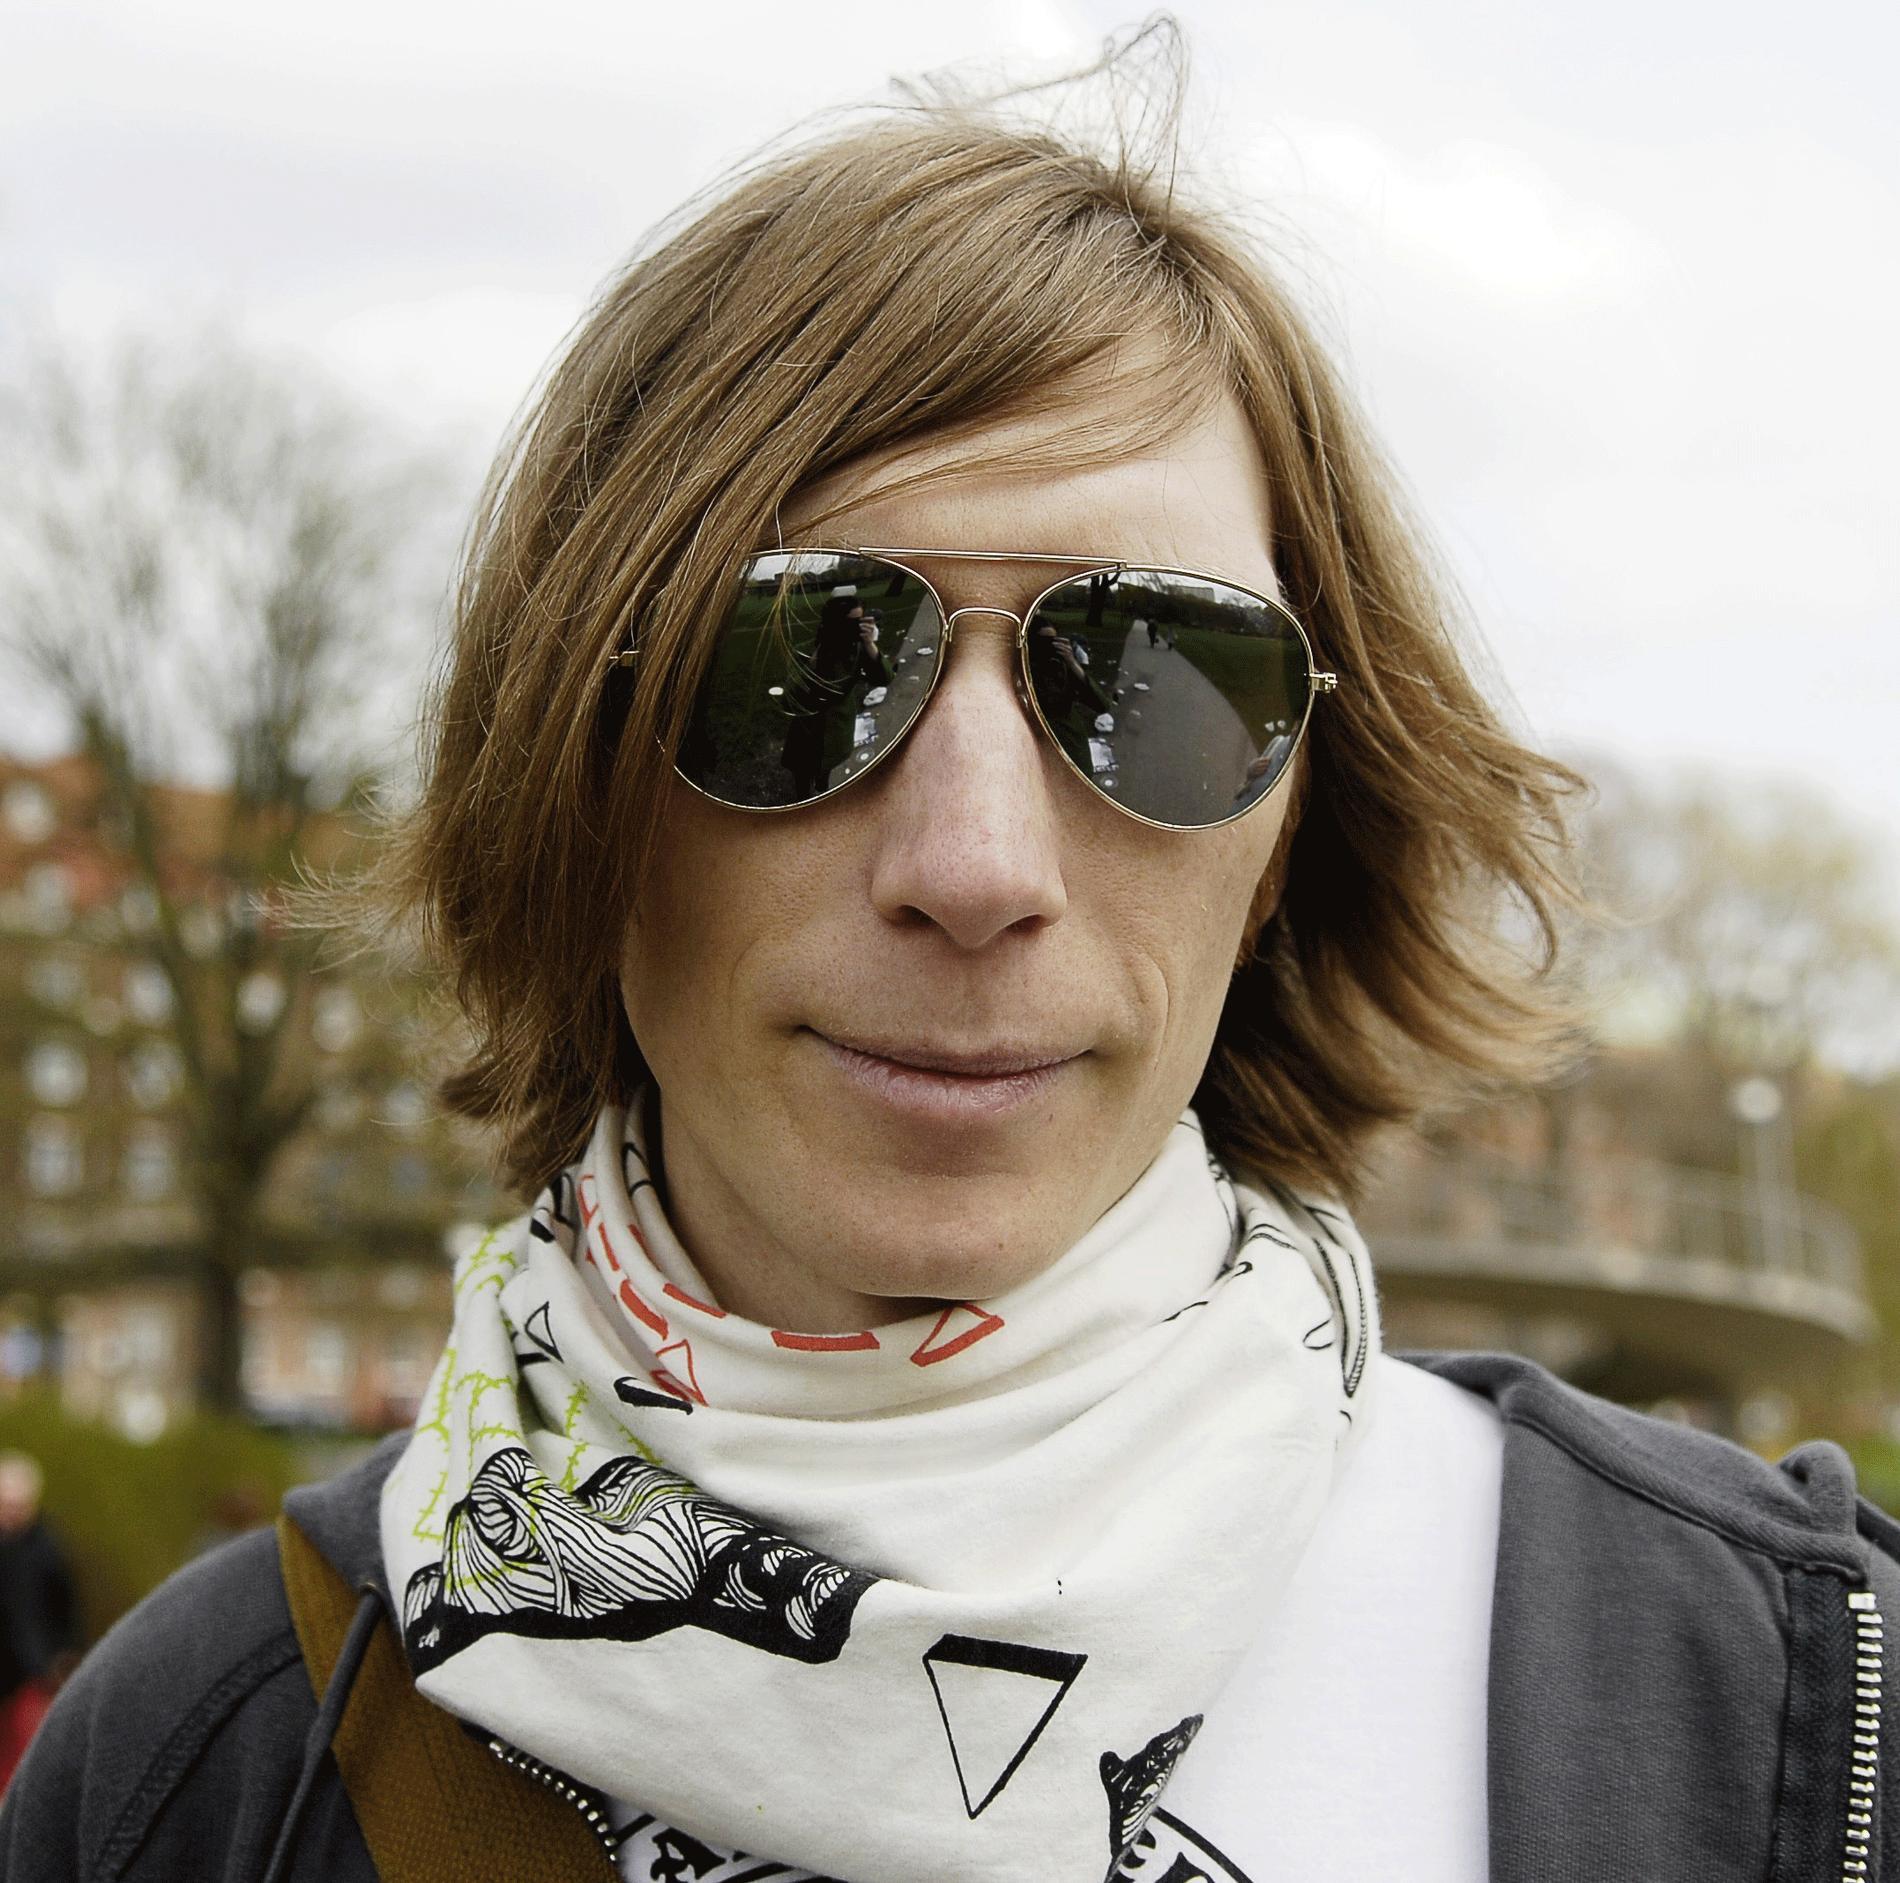 Jens Augustinsson, 32 Det ser rätt risigt ut faktiskt.